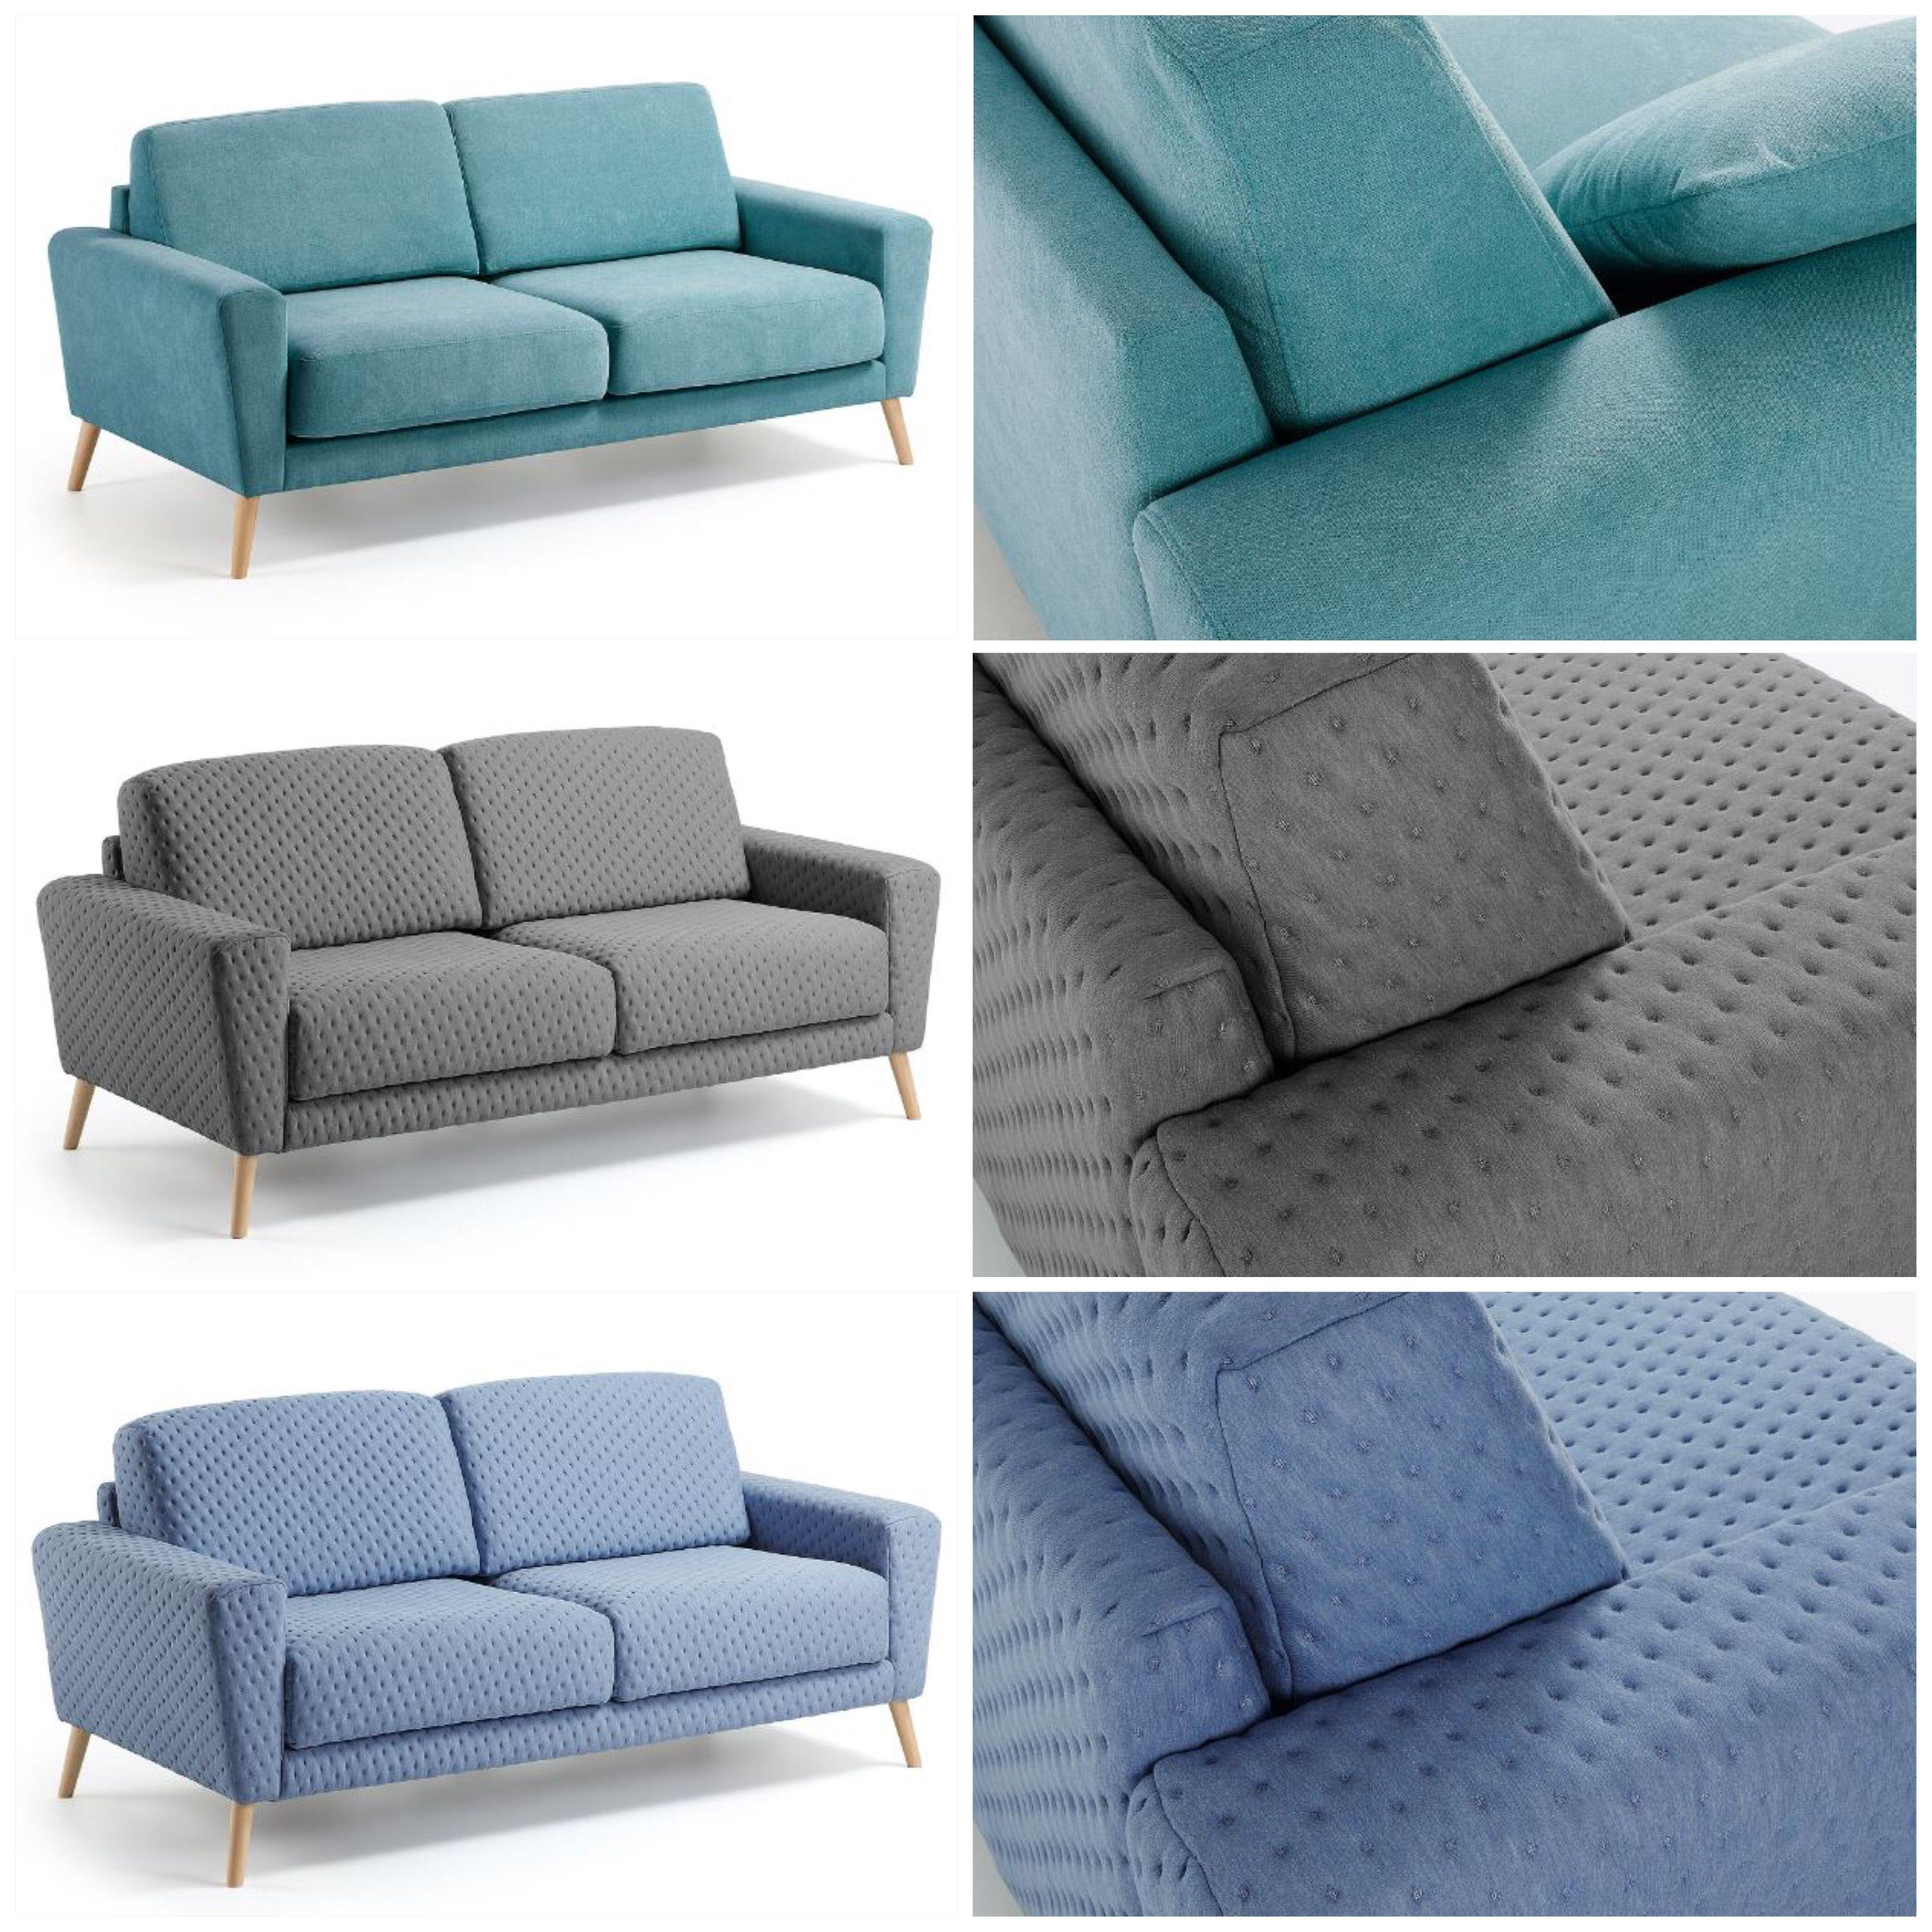 Sofa modell VINNY Herlige P¥skenyheter i nettbutikken